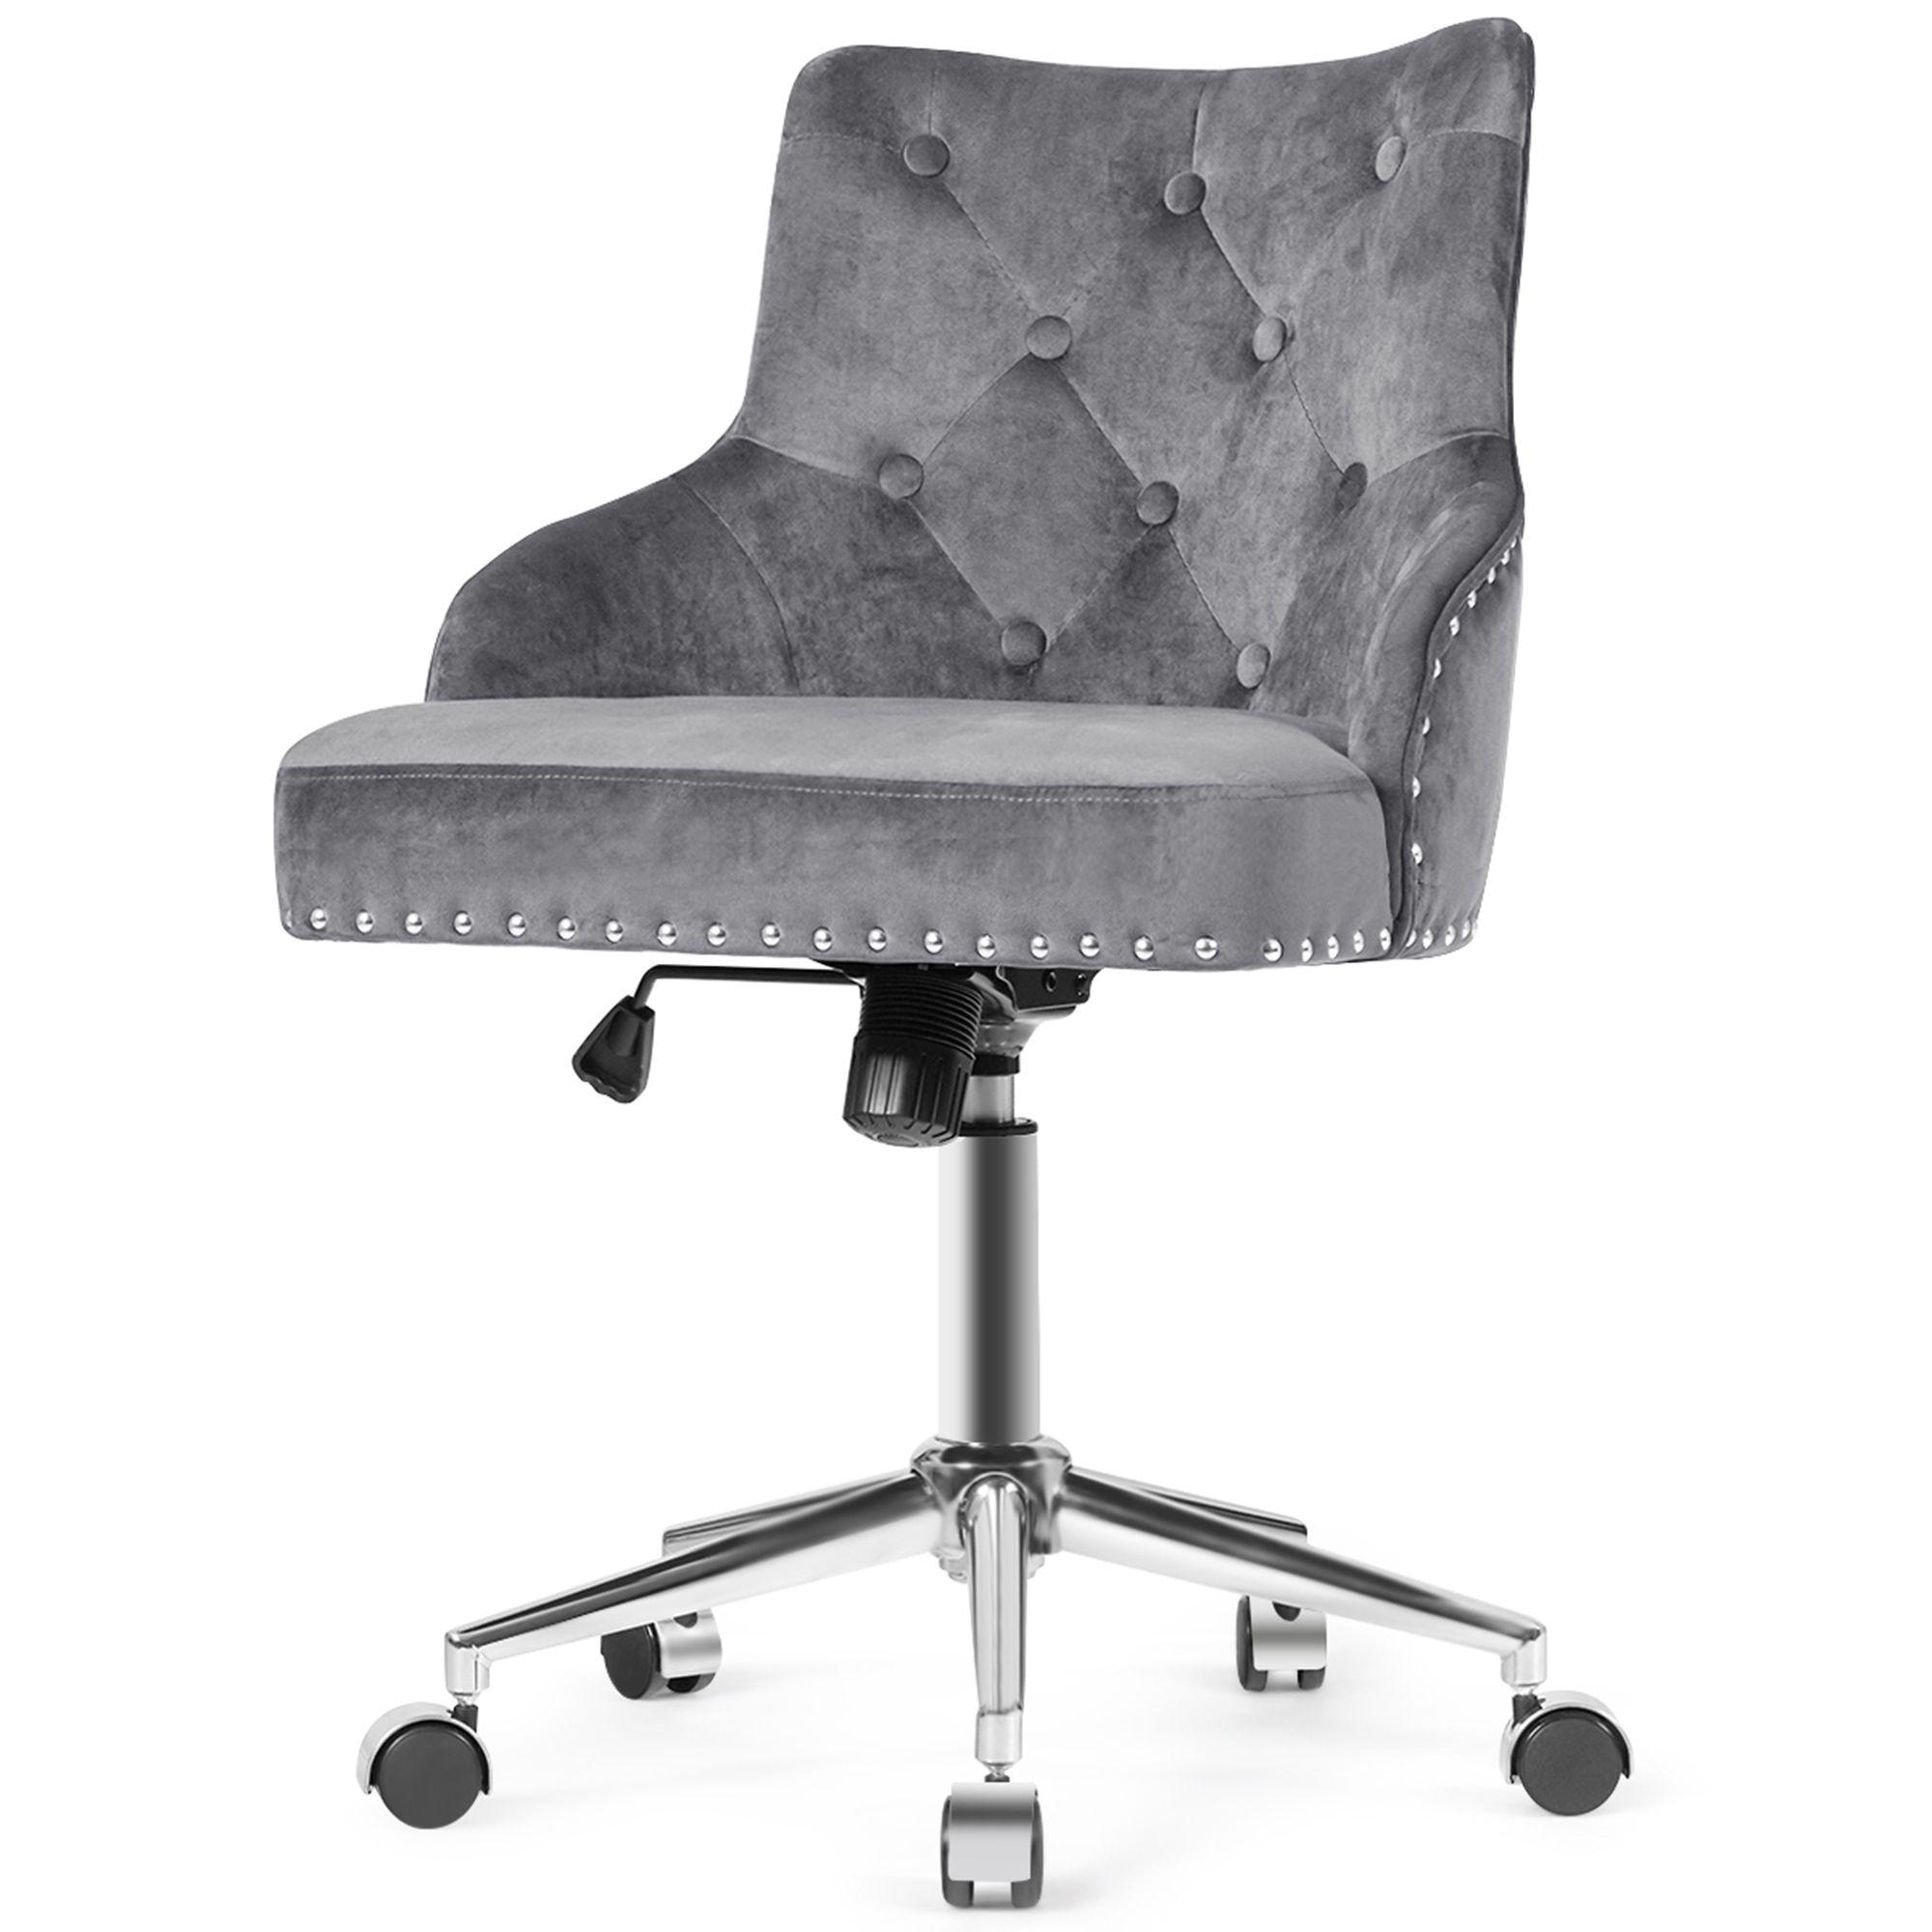 Gymax Velvet Office Chair Tufted Upholstered Swivel